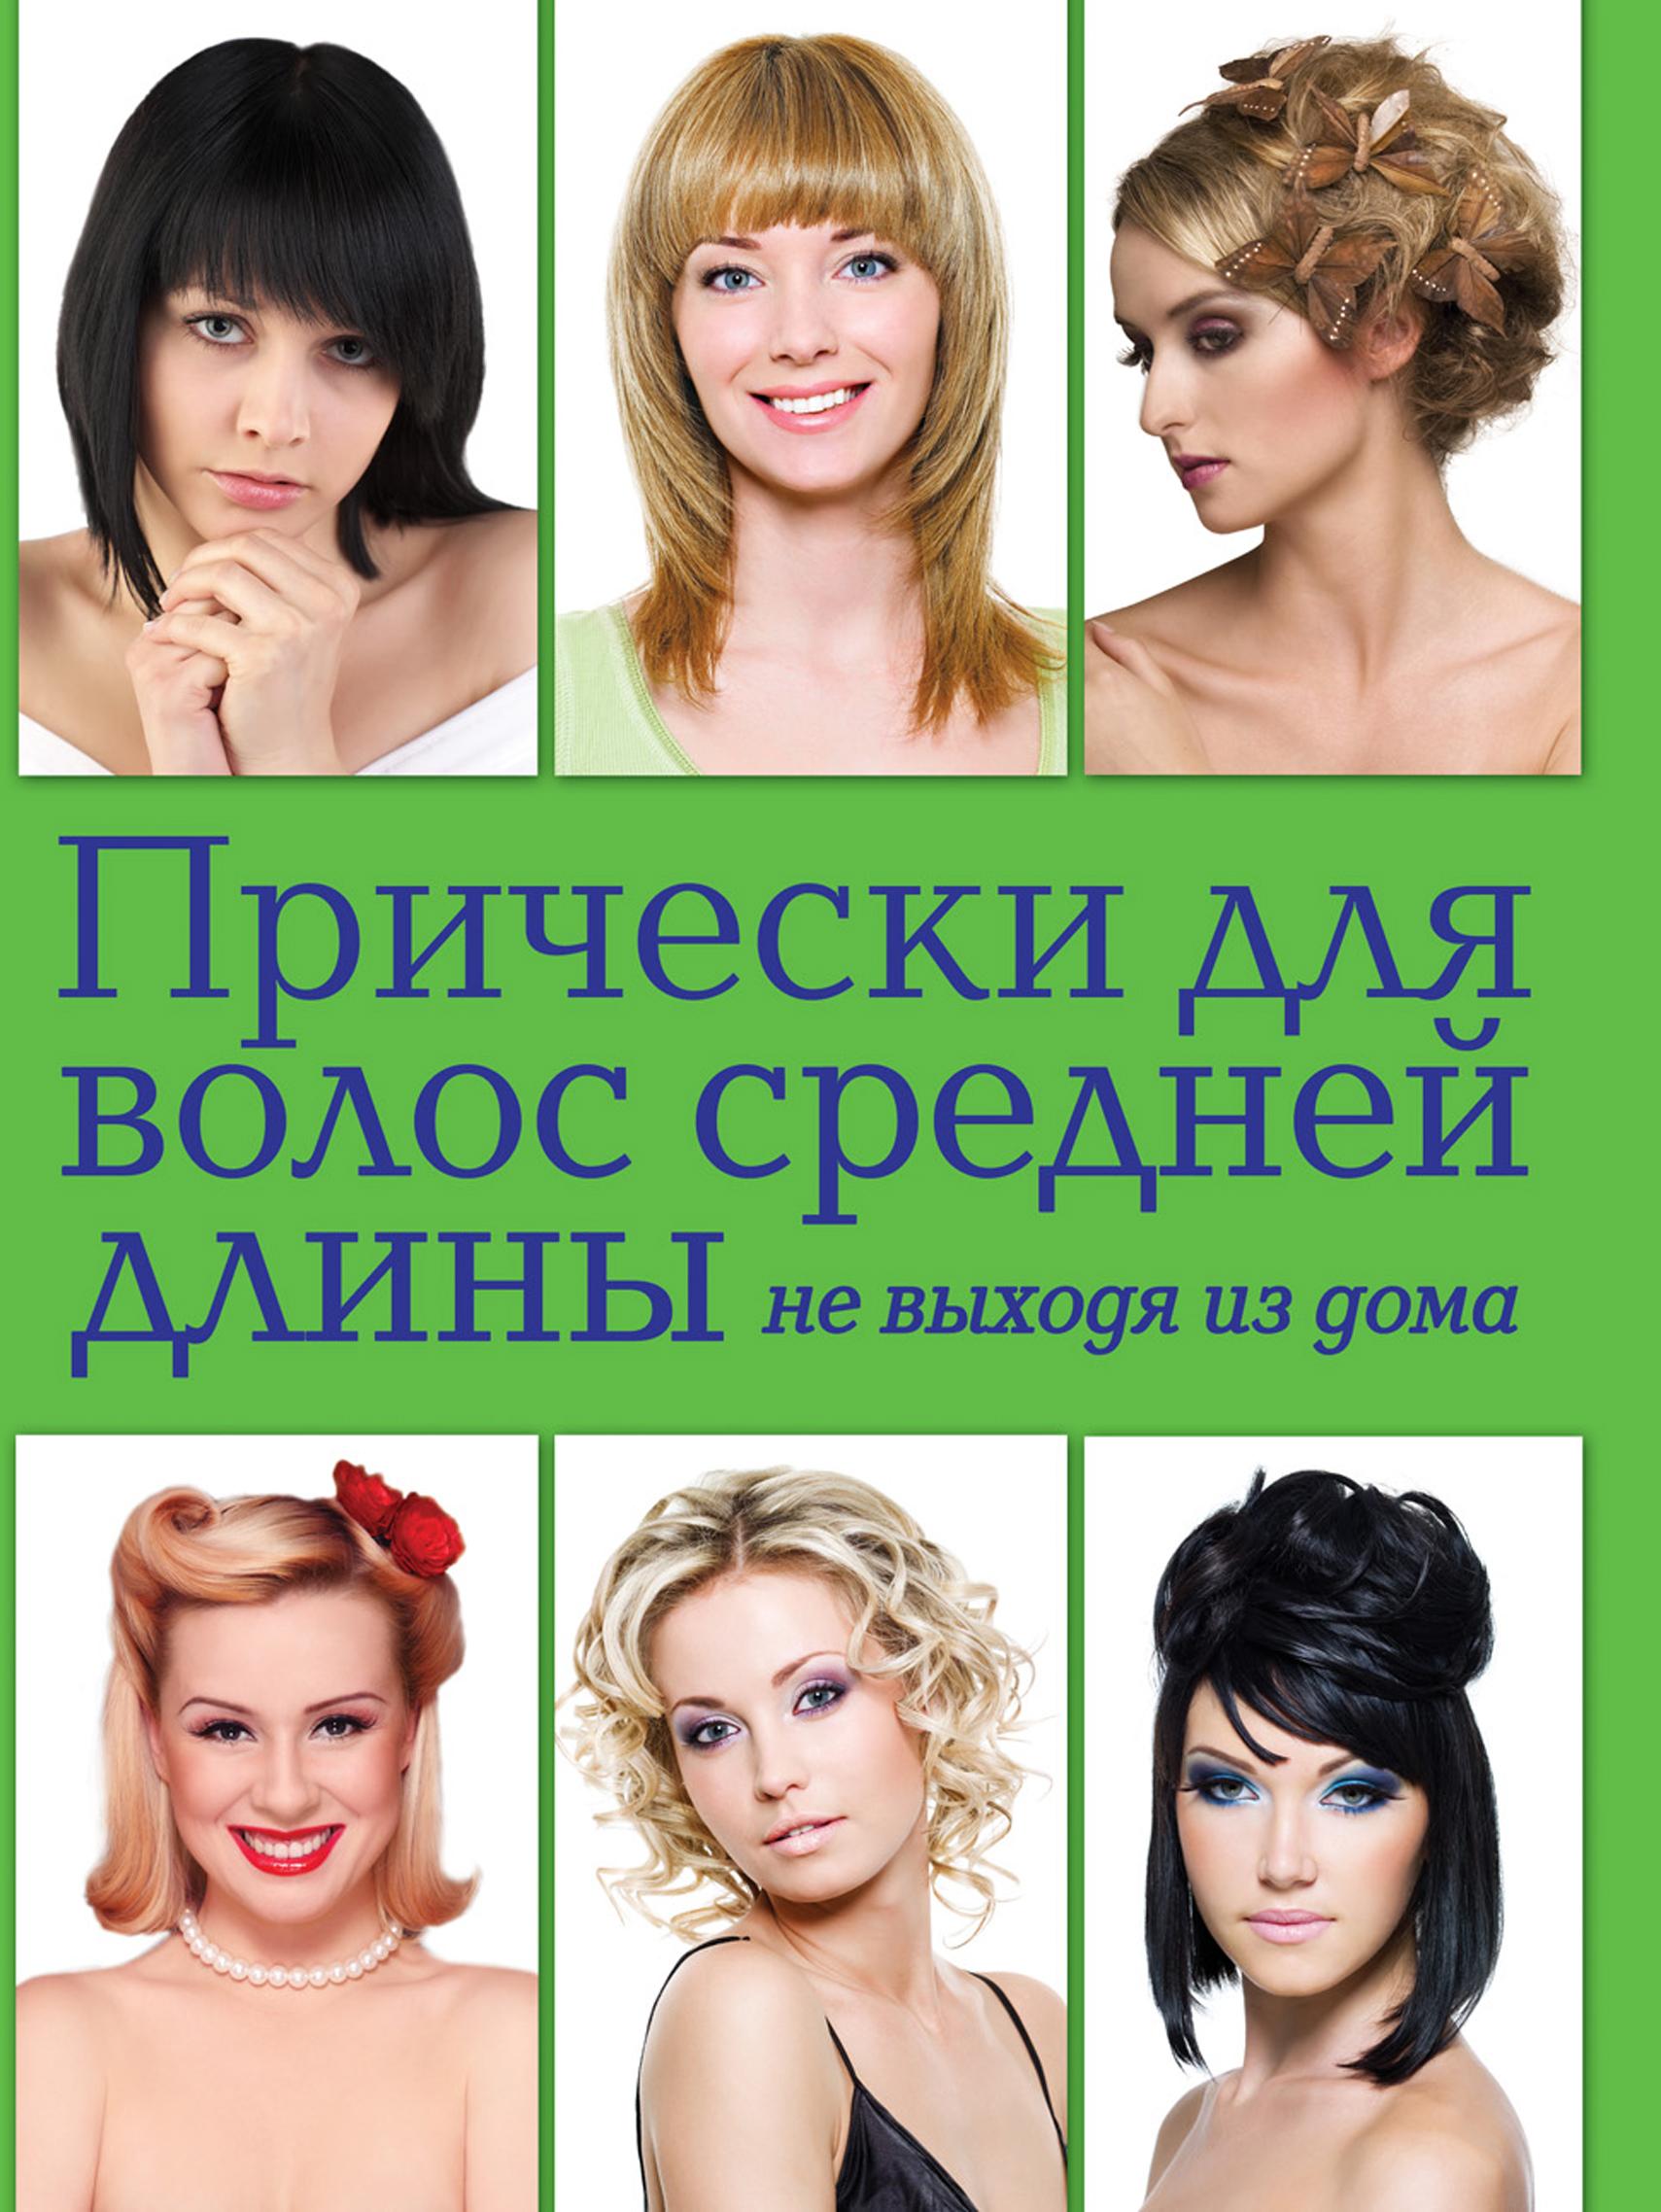 Прически для волос средней длины не выходя из дома